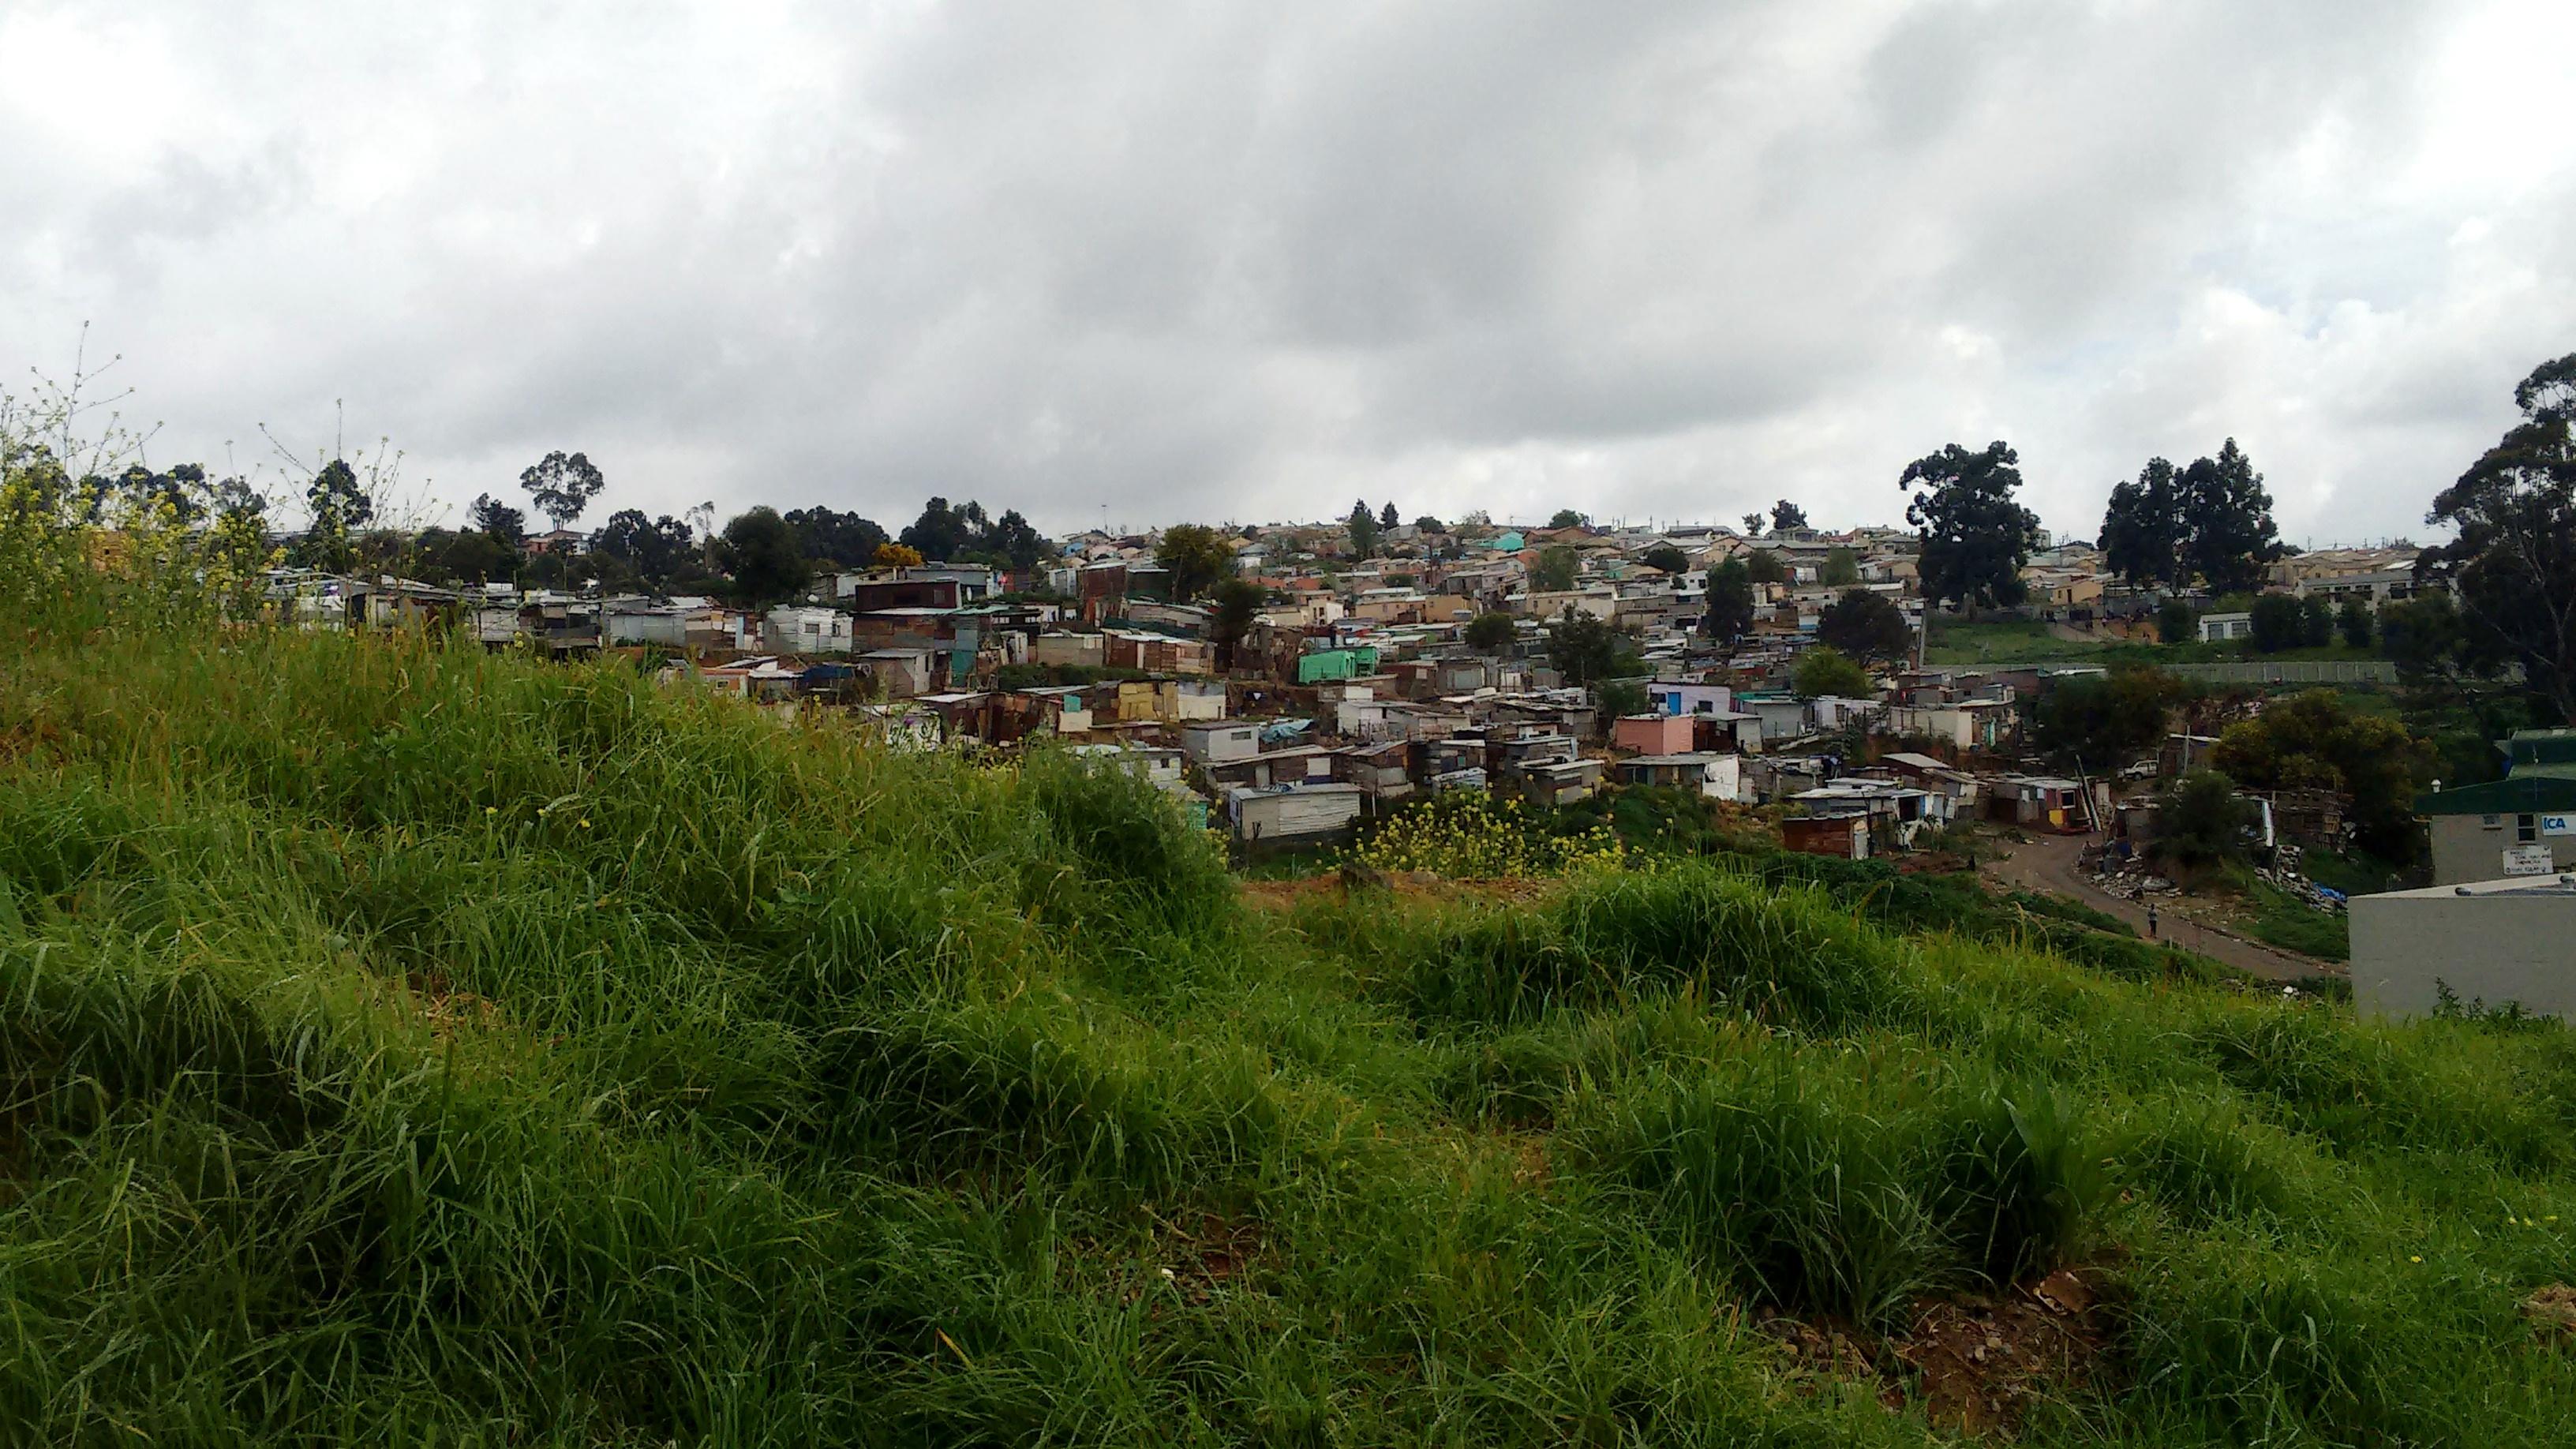 Enkanini (informal settlement in Stellenbosch)